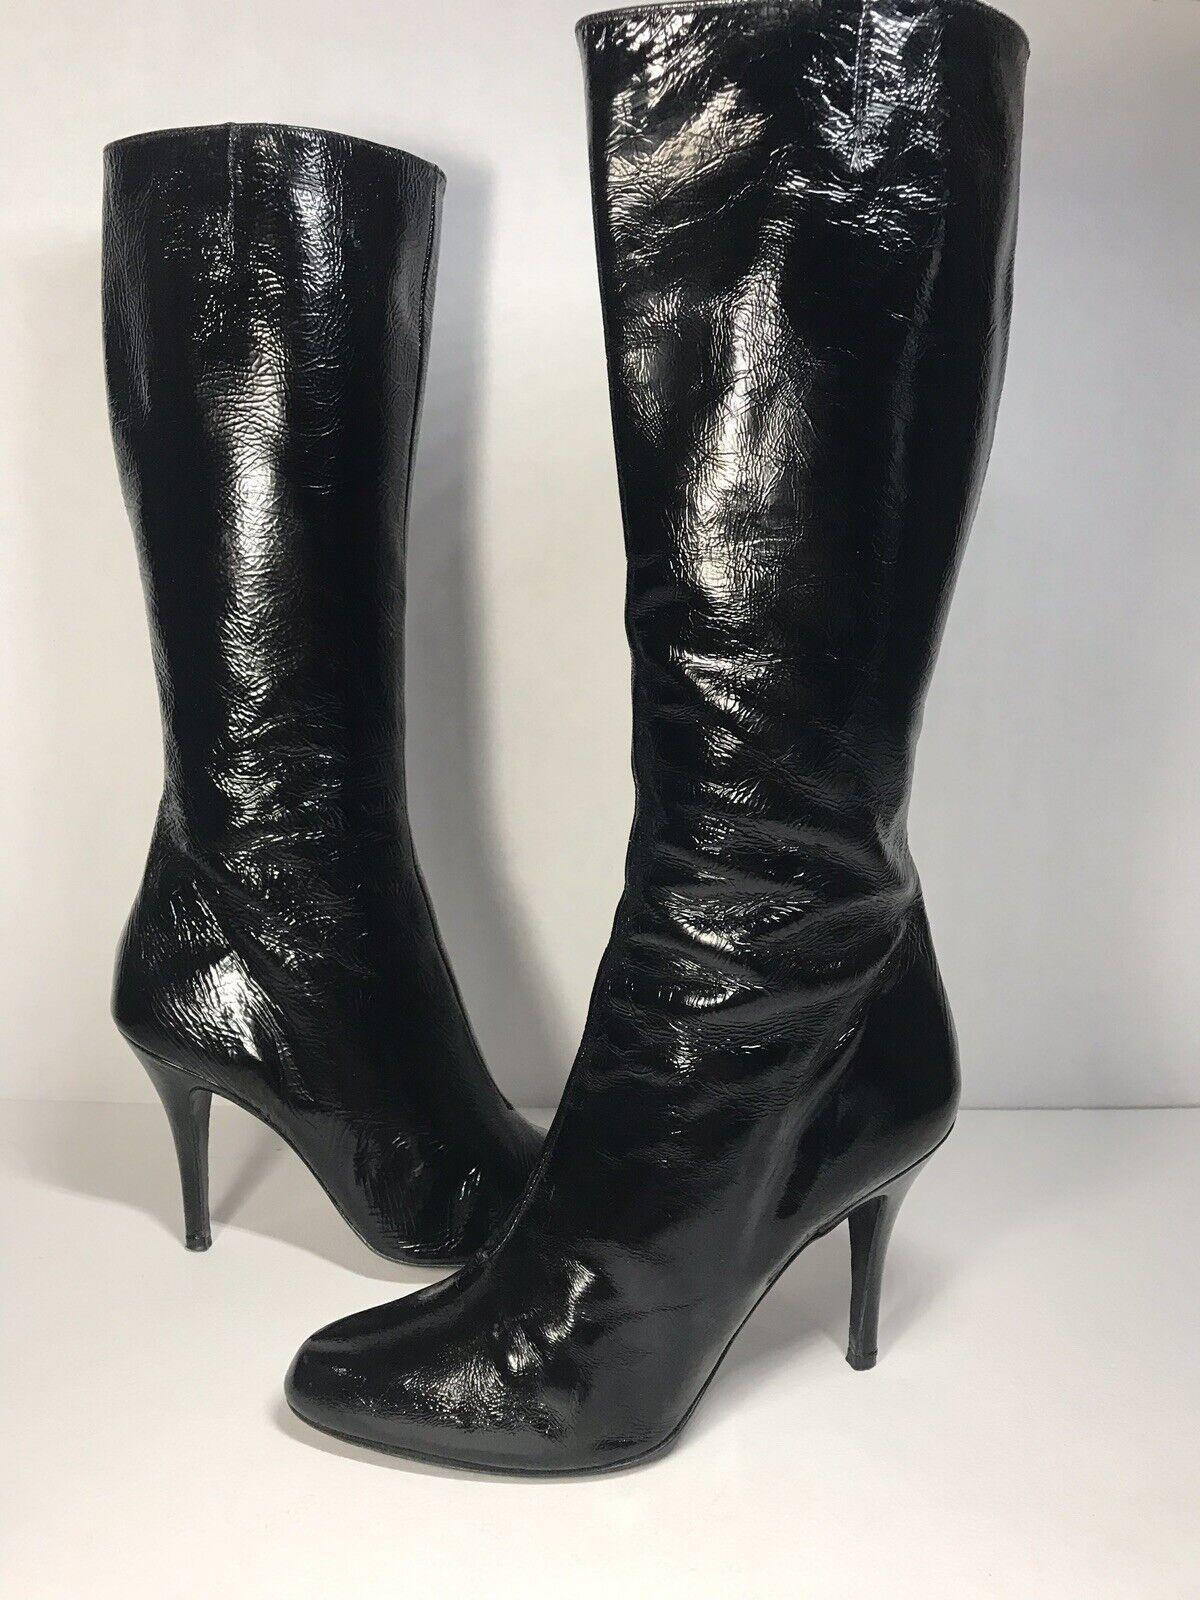 Di nuccio Patente Leather Boots  8 US 38